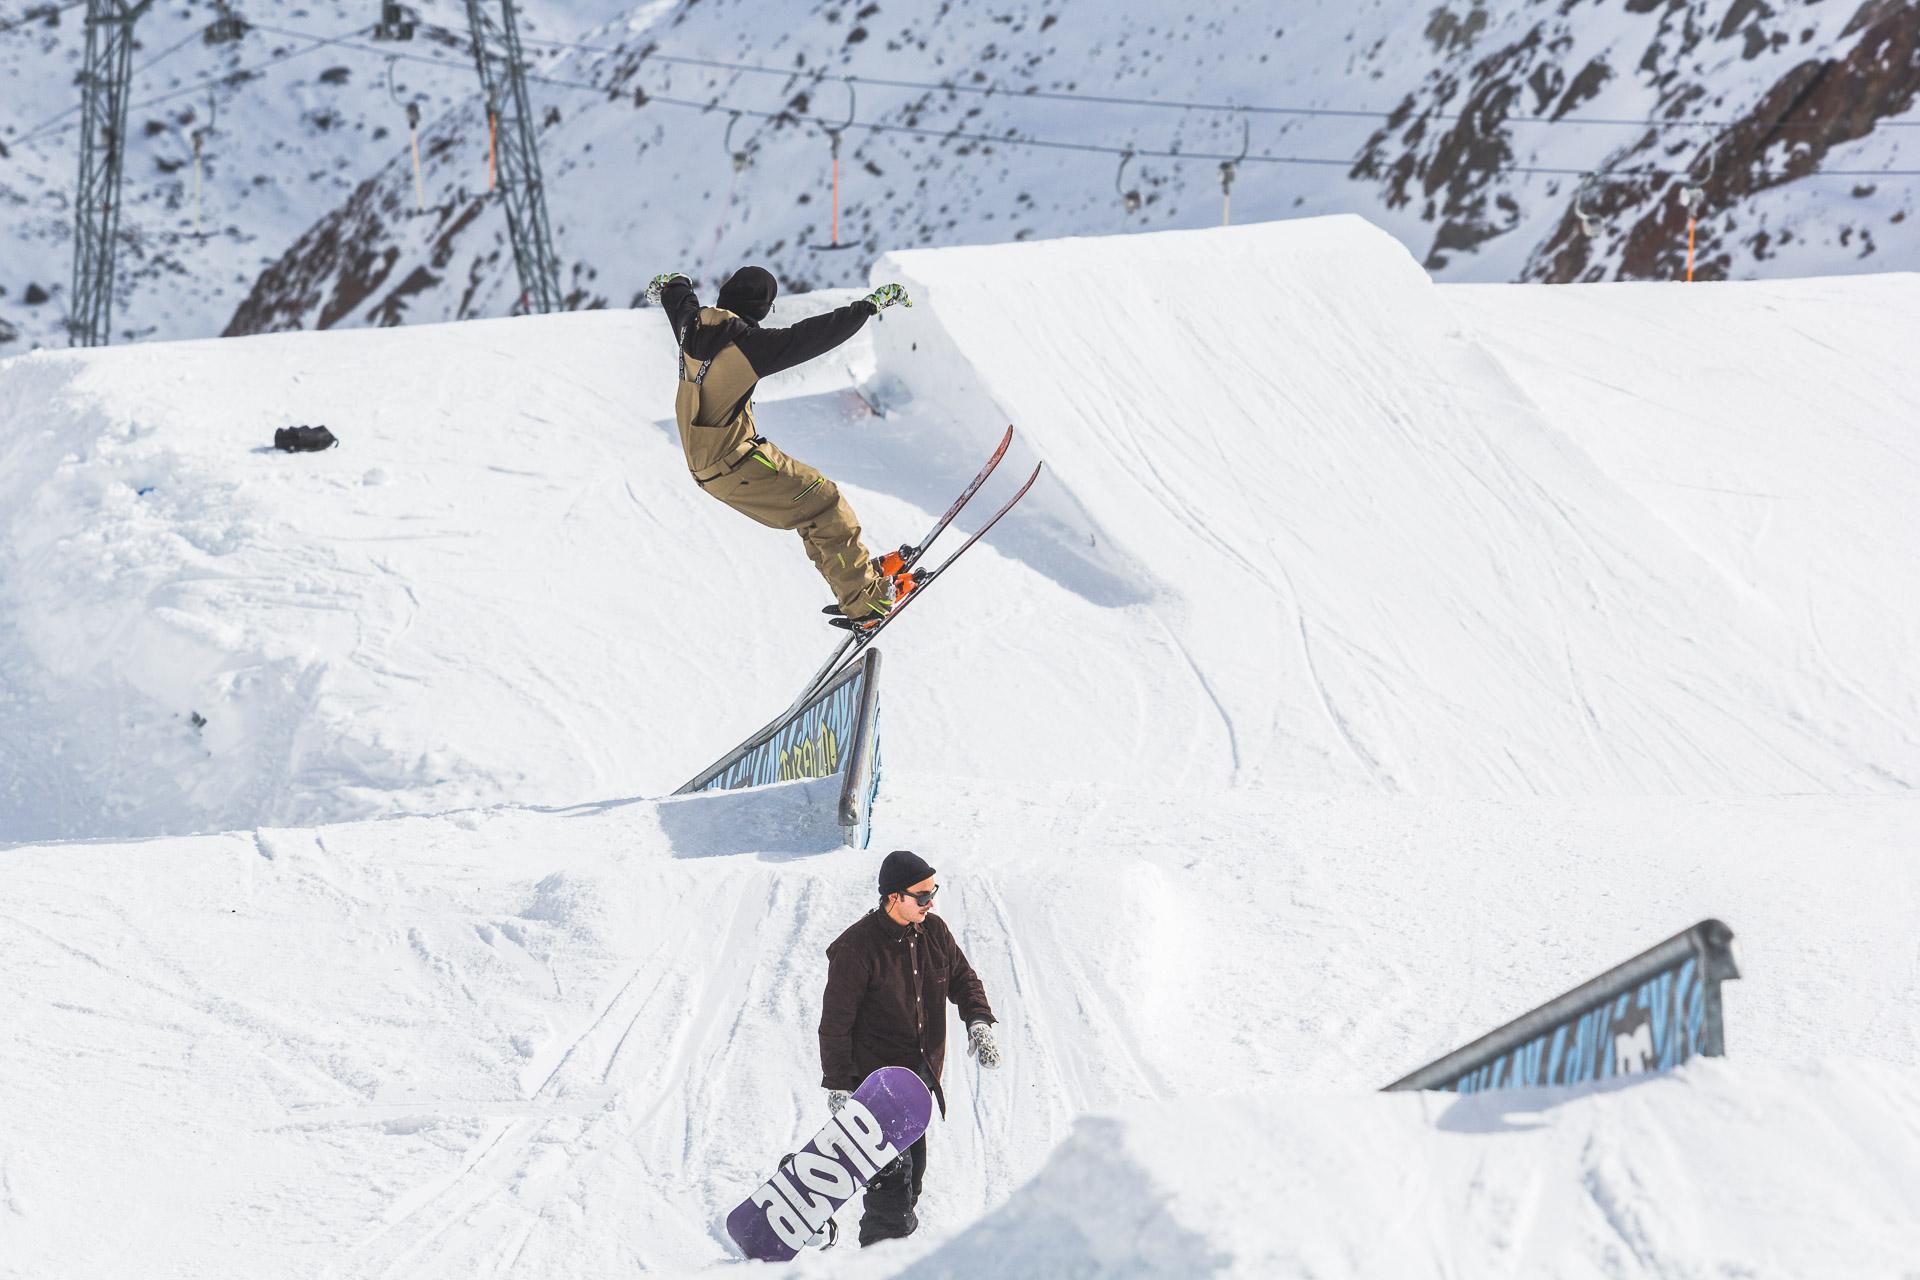 Endlich wieder Frühling - ab in den Snowpark! - Rider: Severin Guggemoos